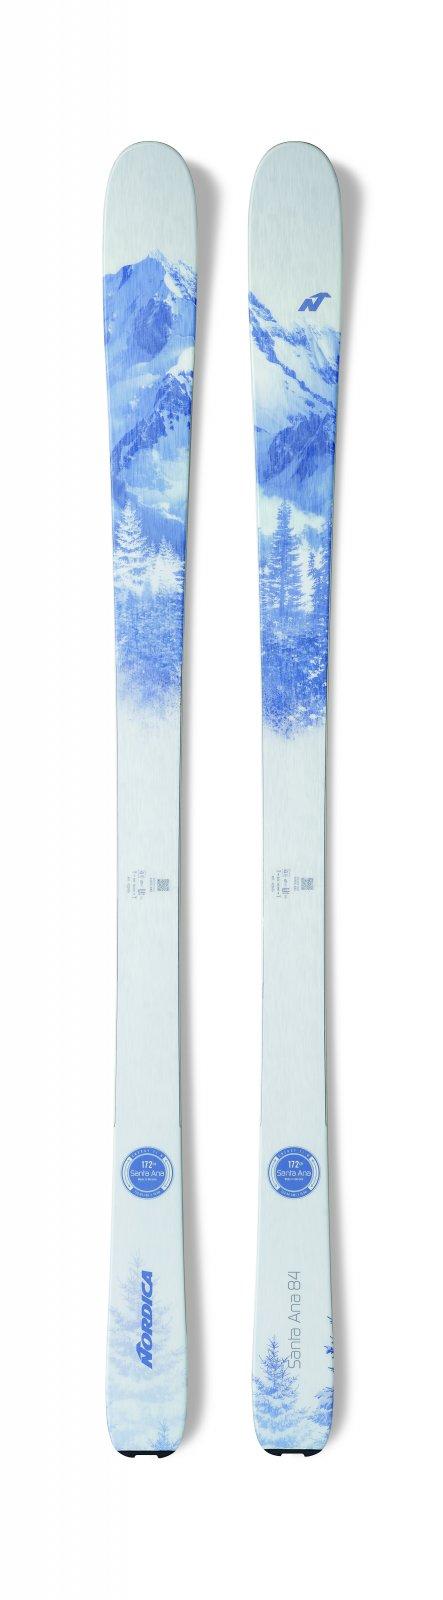 2022 Nordica Santa Ana 84 Women's Ski